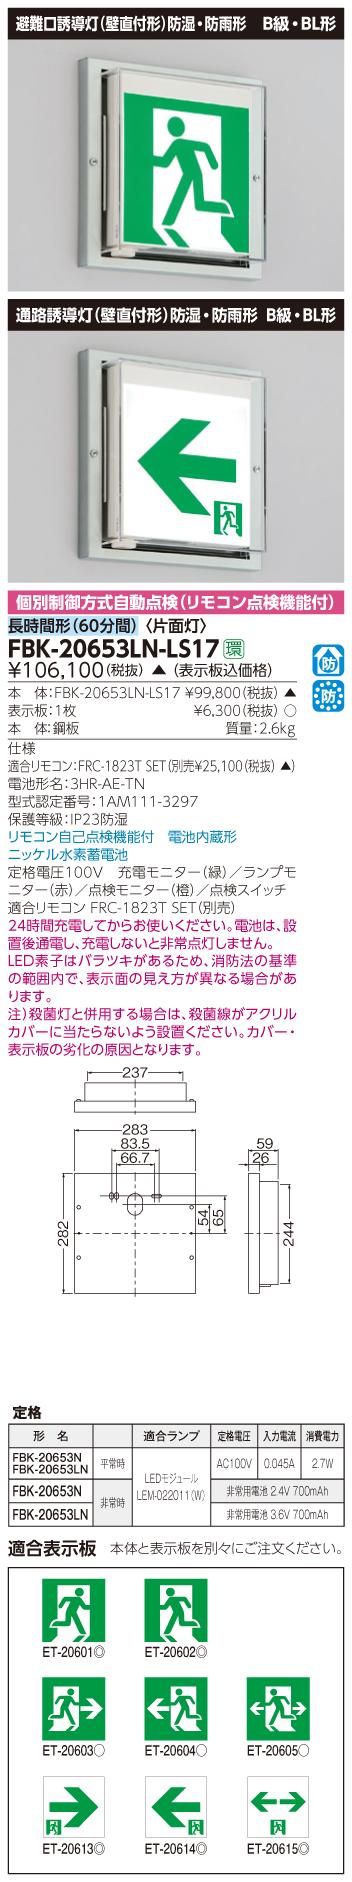 【法人様限定】東芝 FBK-20653LN-LS17 LED誘導灯 壁直付形 防湿・防雨形 電池内蔵 片面 B級BL形 長時間(60分) 【表示板別売】